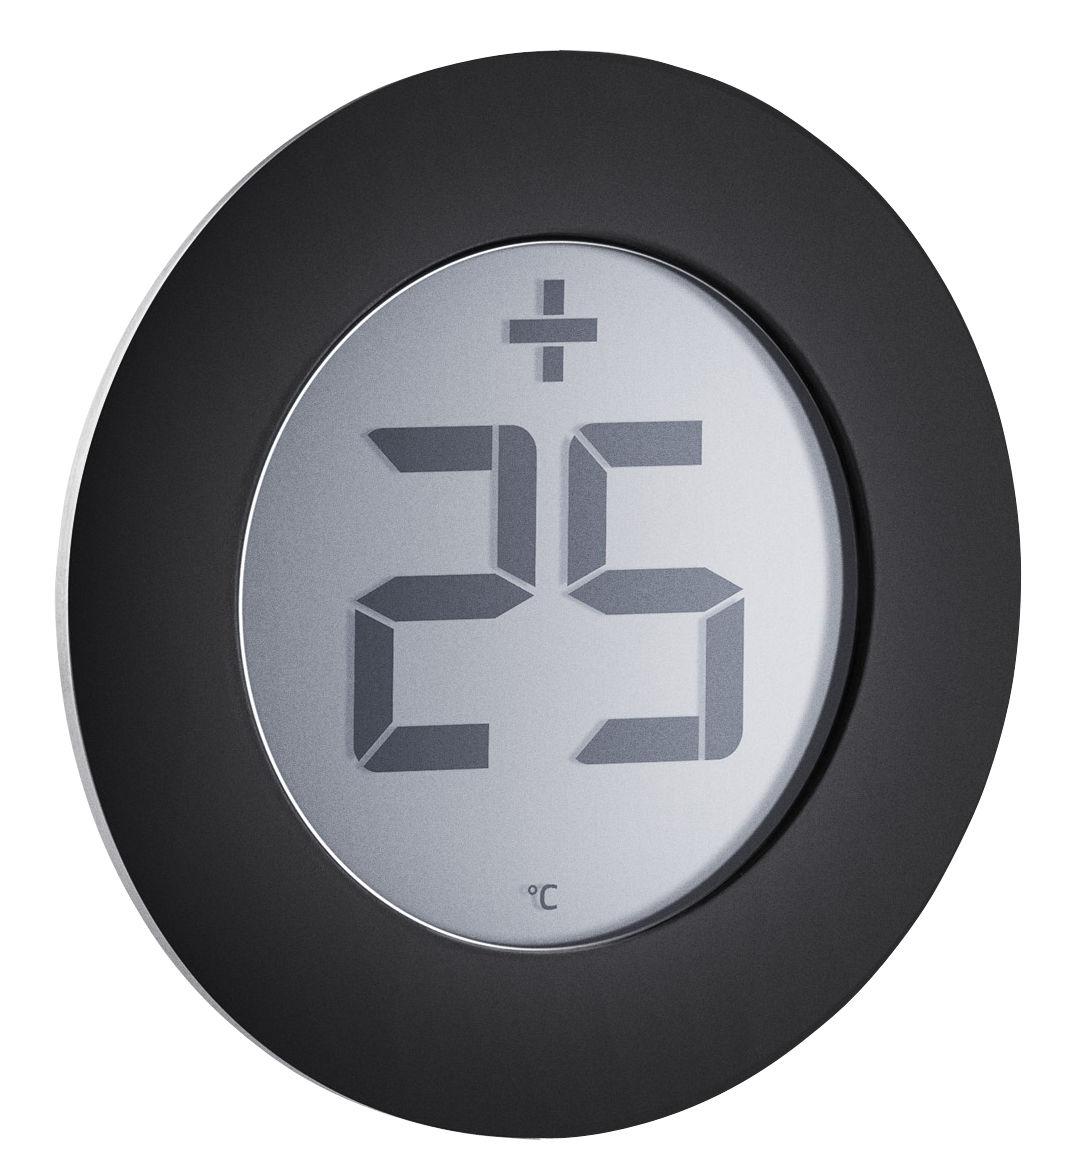 Outdoor - Deko-Accessoires für den Garten - Digital Thermometer / selbstklebend - für die Fensterscheibe - Eva Solo - Stahl & schwarz - Stahl, Thermoplastique